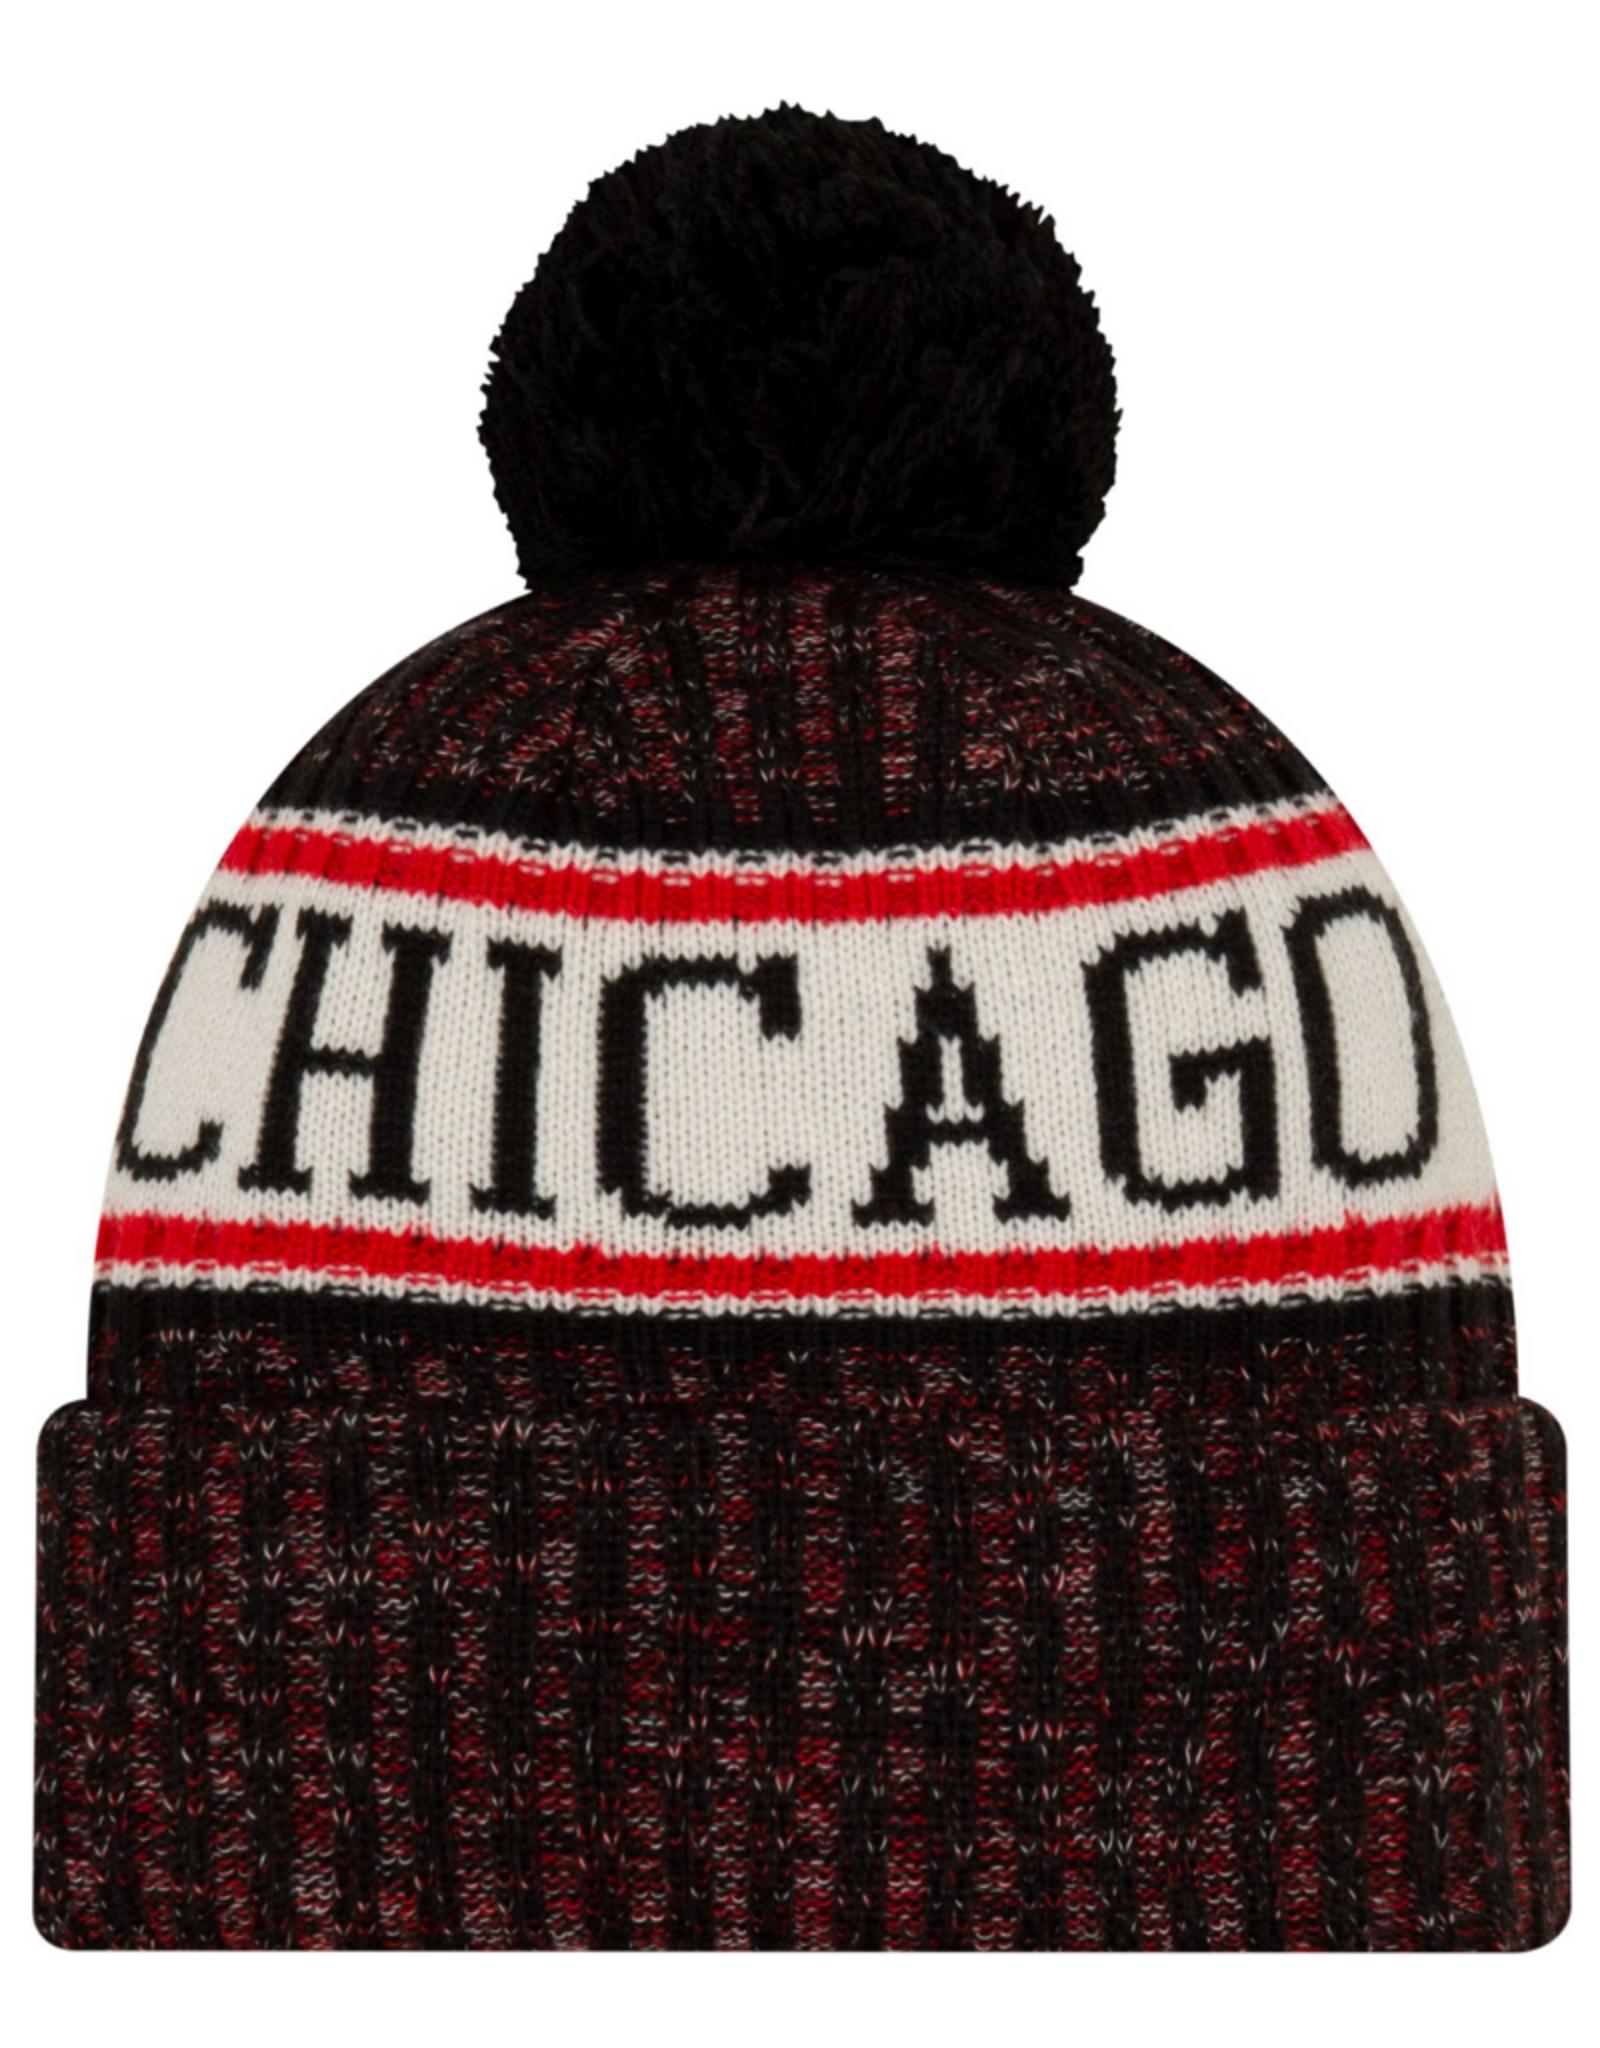 New Era Men's '19 Sport Knit Chicago Bulls Black/Red